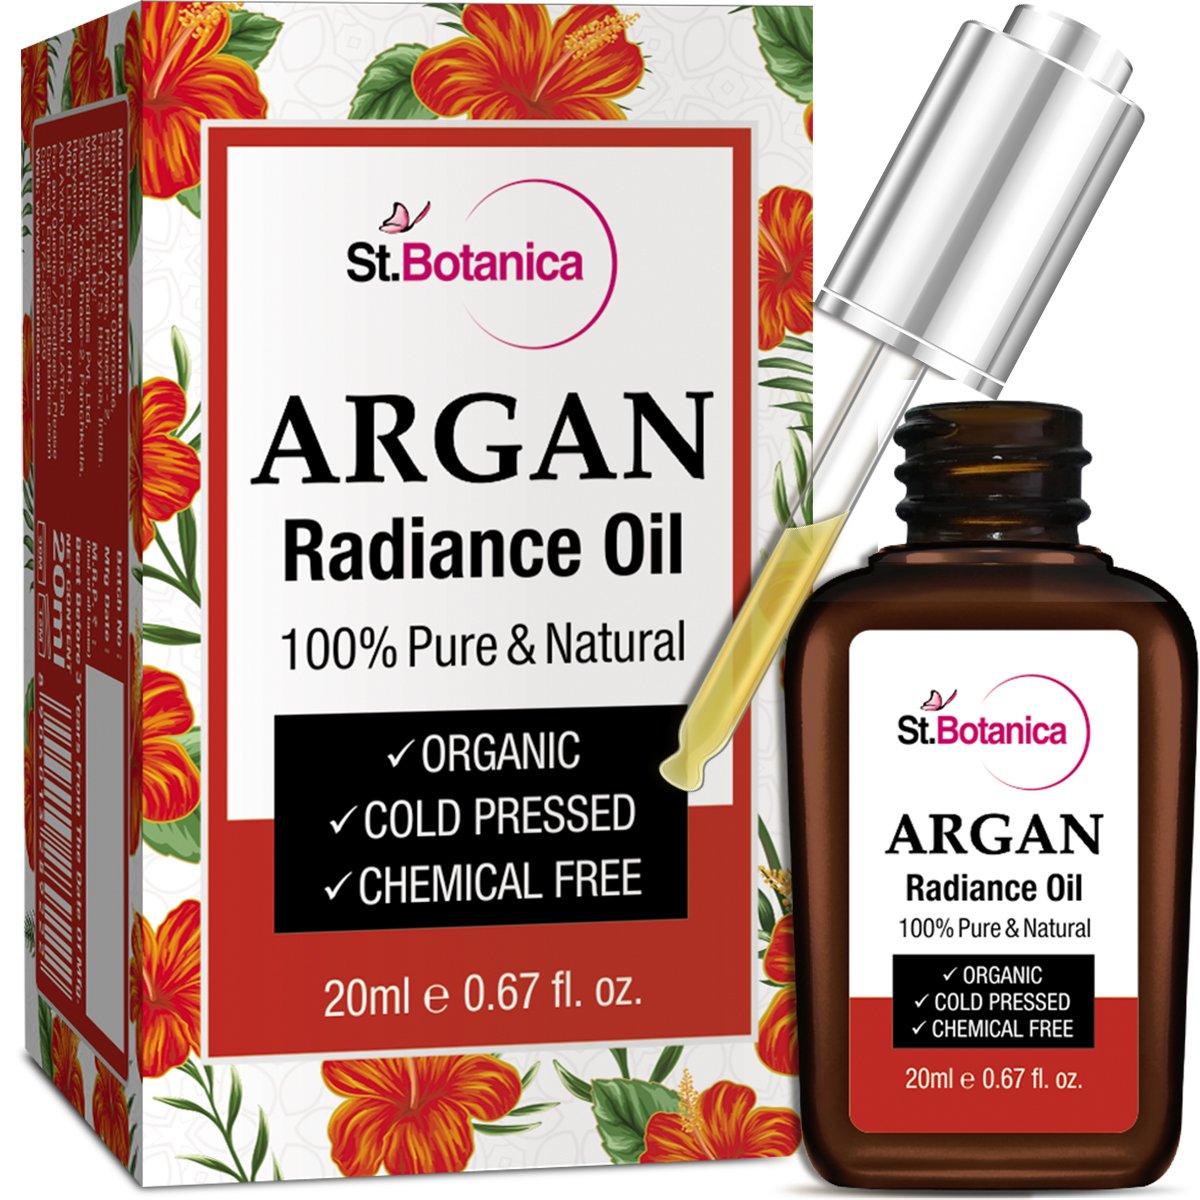 StBotanica Argan Radiance Face Oil - 20ml - Skin Brightening, Anti Aging & Anti Wrinkle Serum product image